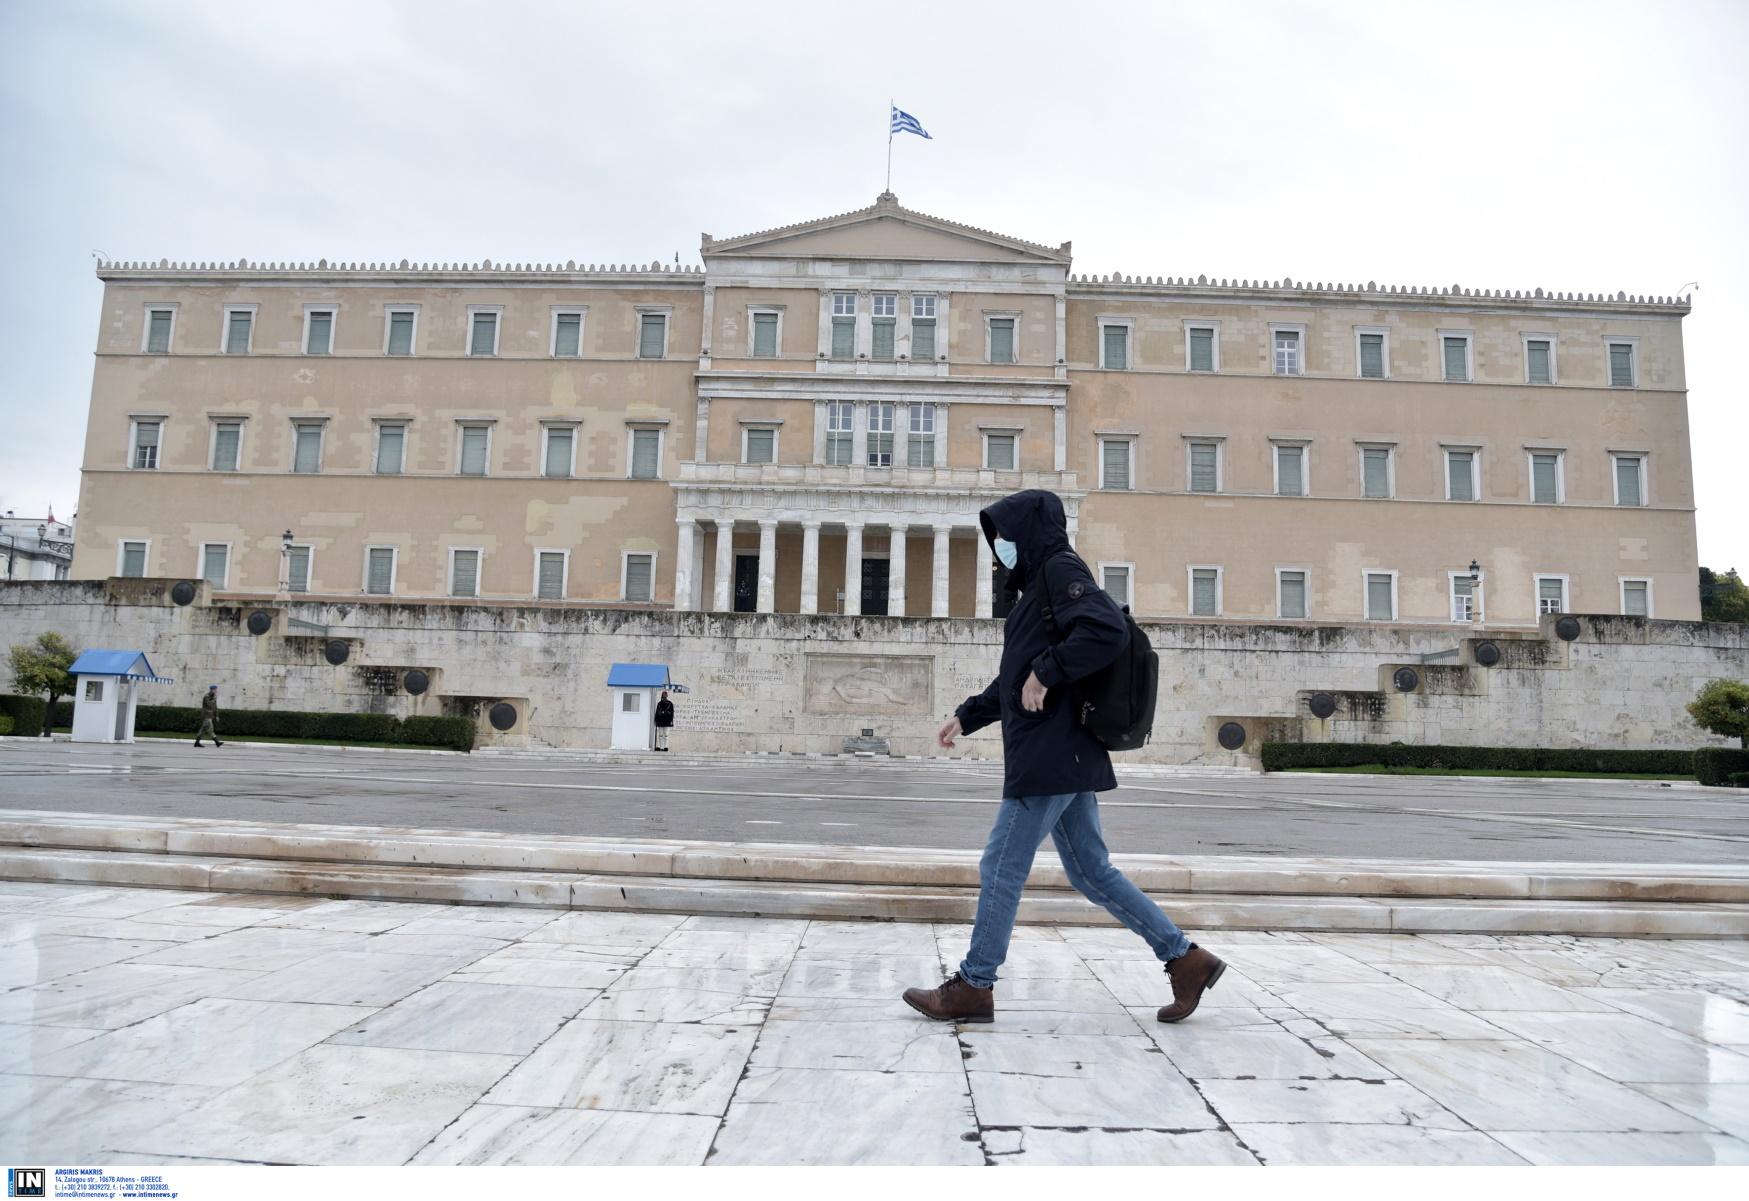 ΟΟΣΑ: Σε αυτές τις μεταρρυθμίσεις πρέπει να δώσει έμφαση η Ελλάδα